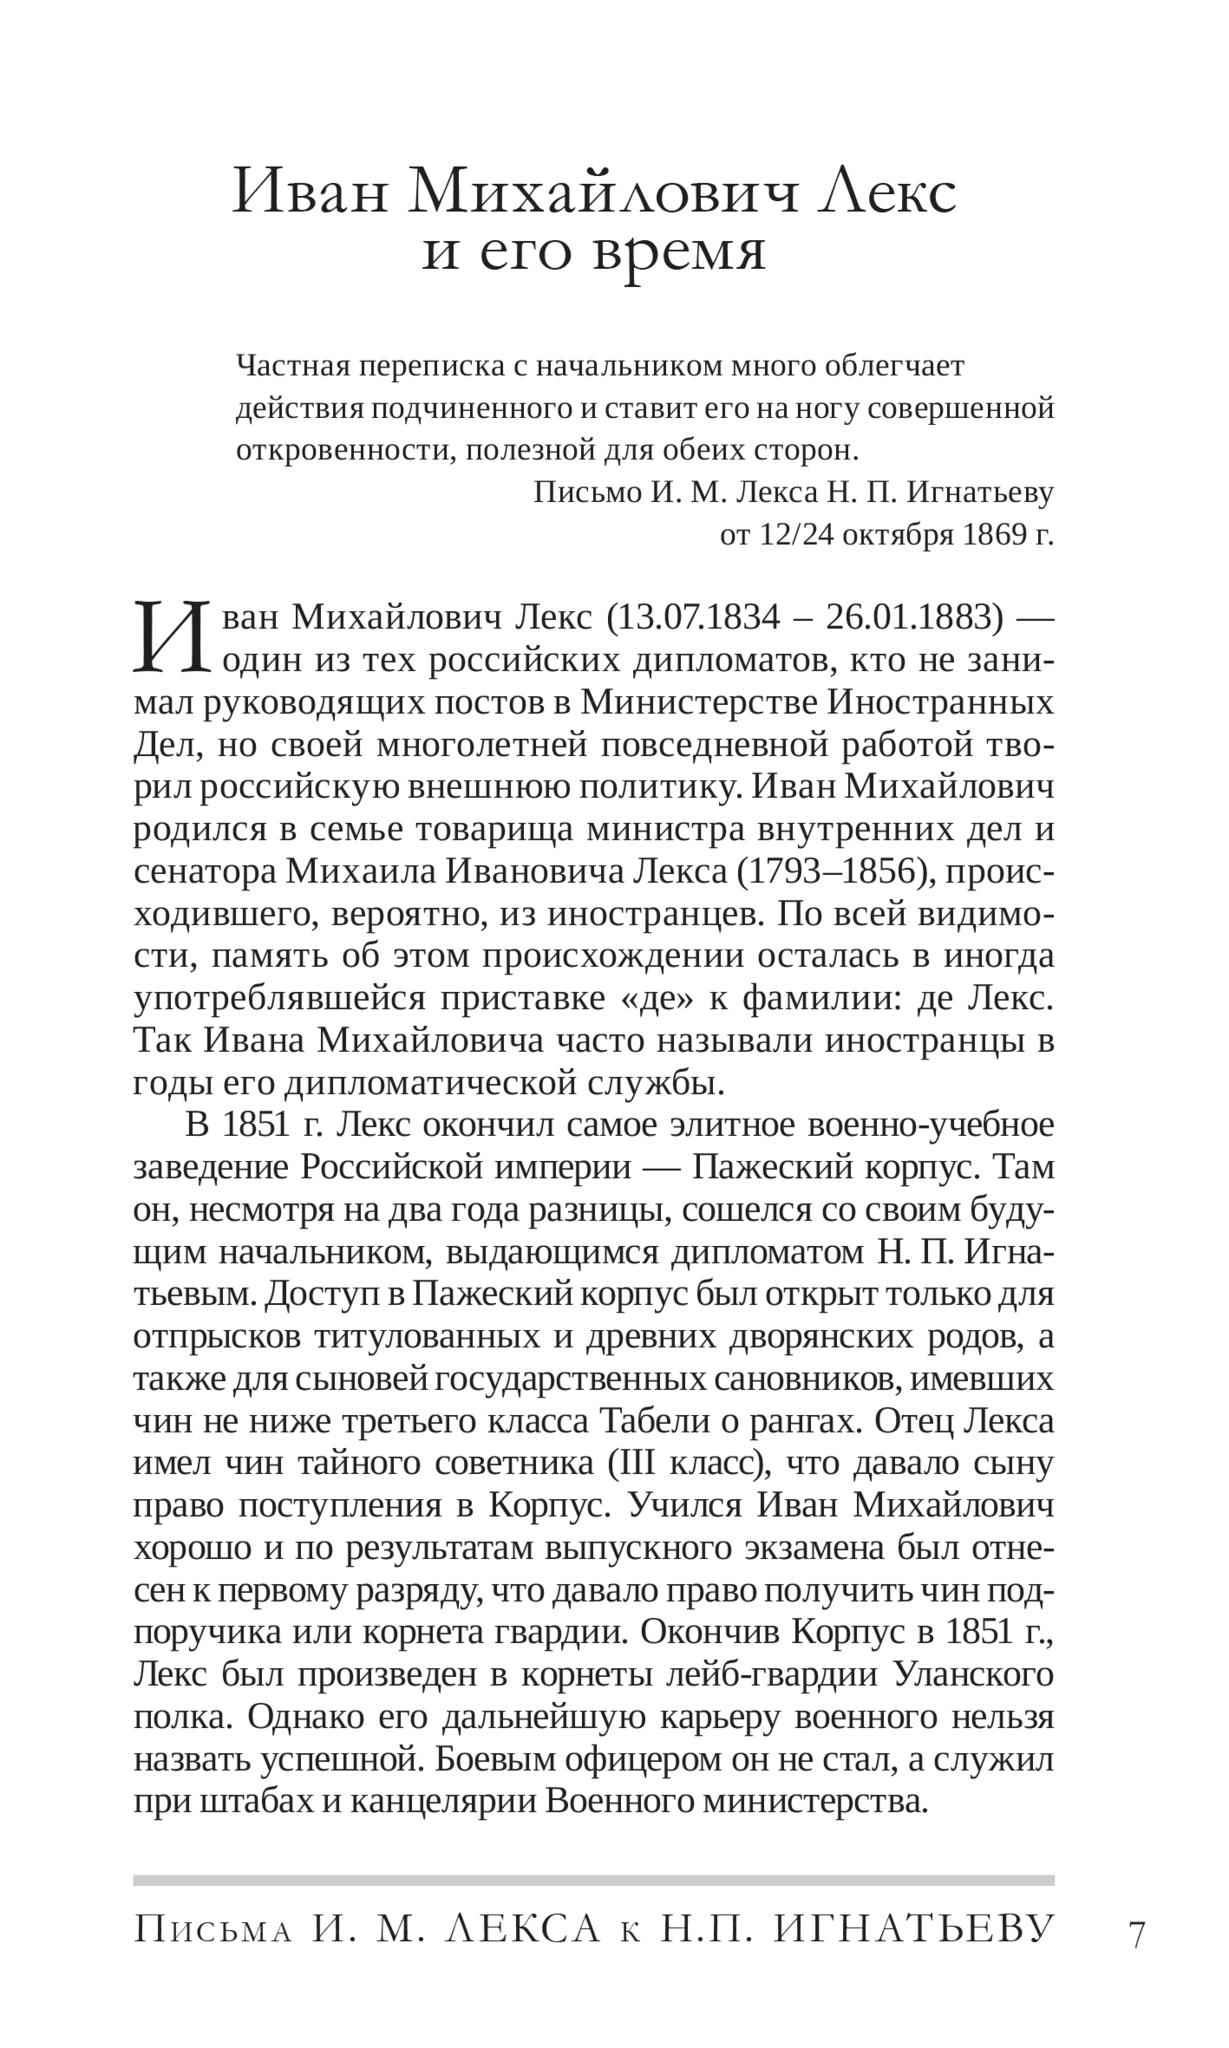 Румыния и Египет в 1860–1870-е гг. Письма российского дипломата И. М. Лекса к Н. П. Игнатьеву.Копировать товар с. 7